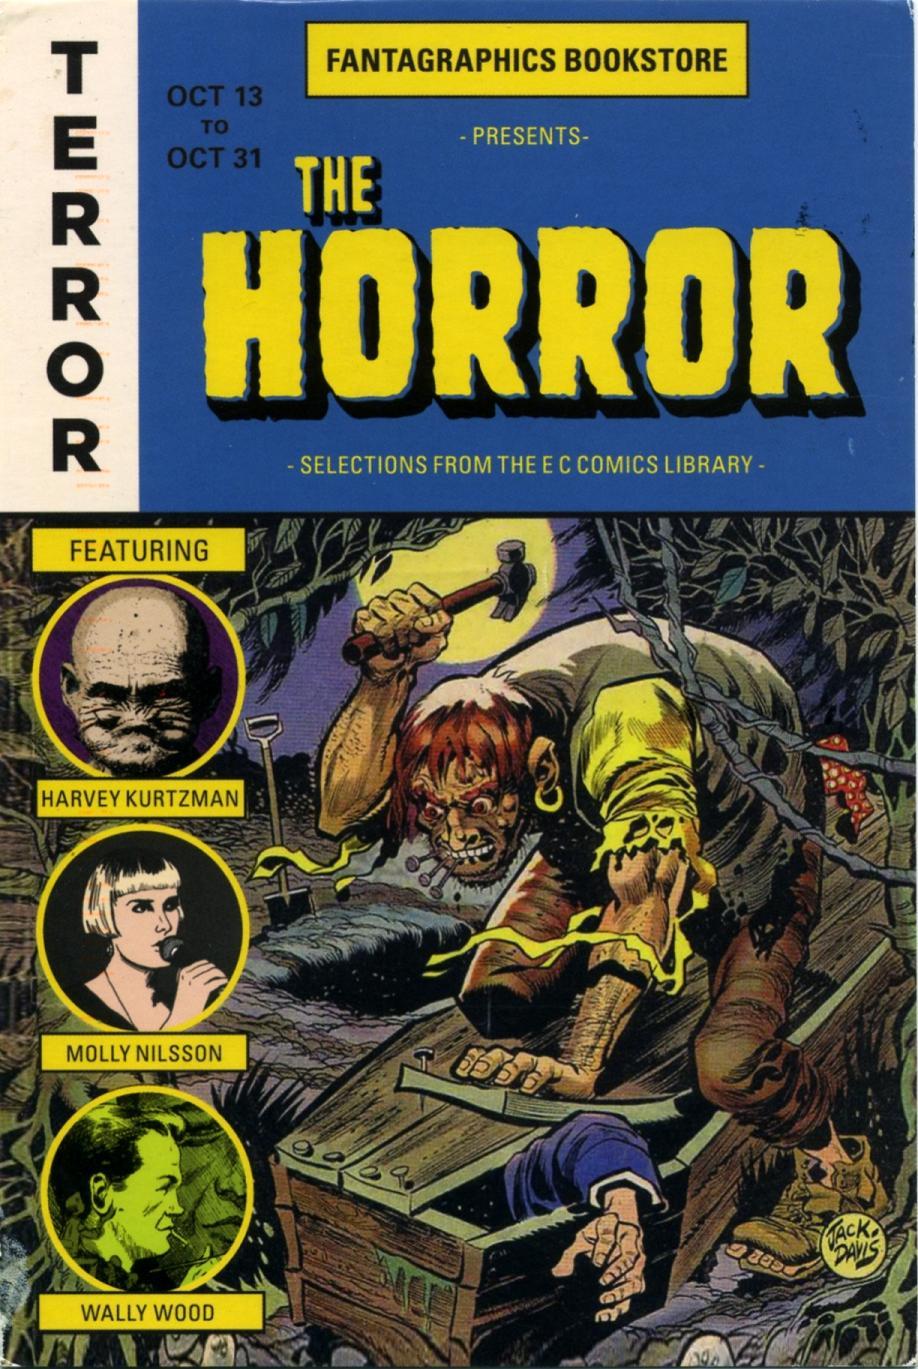 fantagraphics ec comics postcard -002